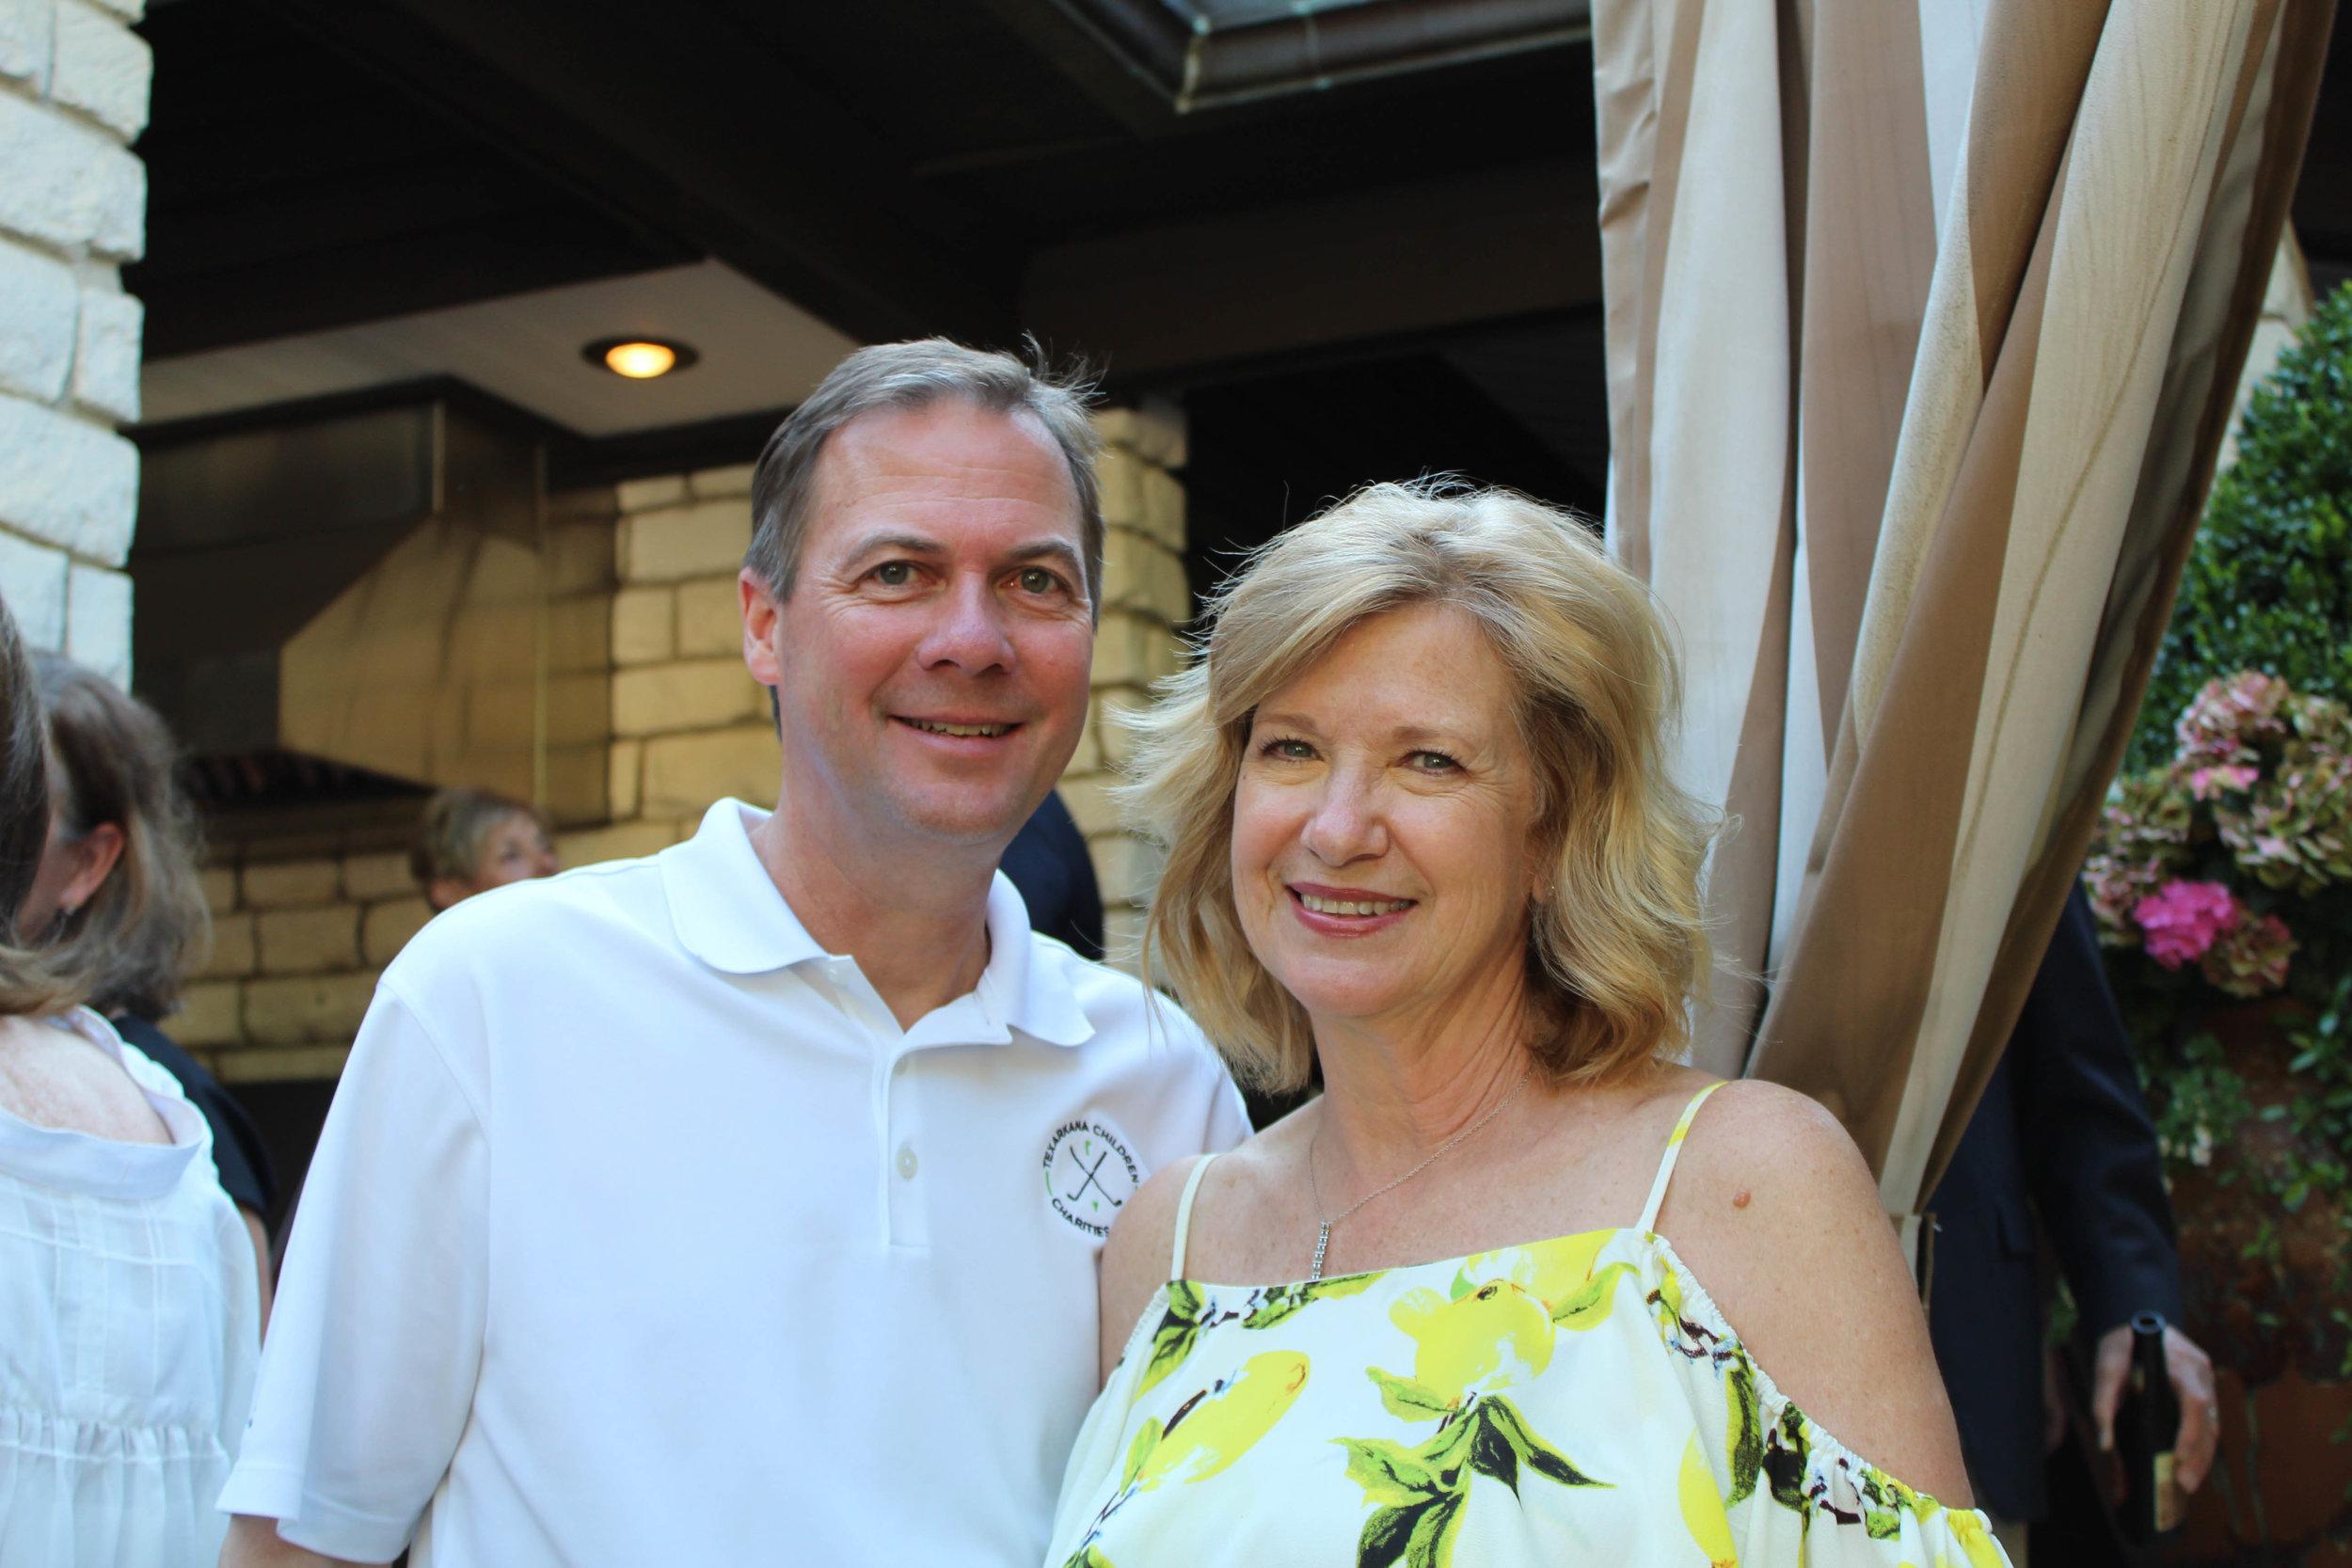 Mark and Cathy Van Herpen